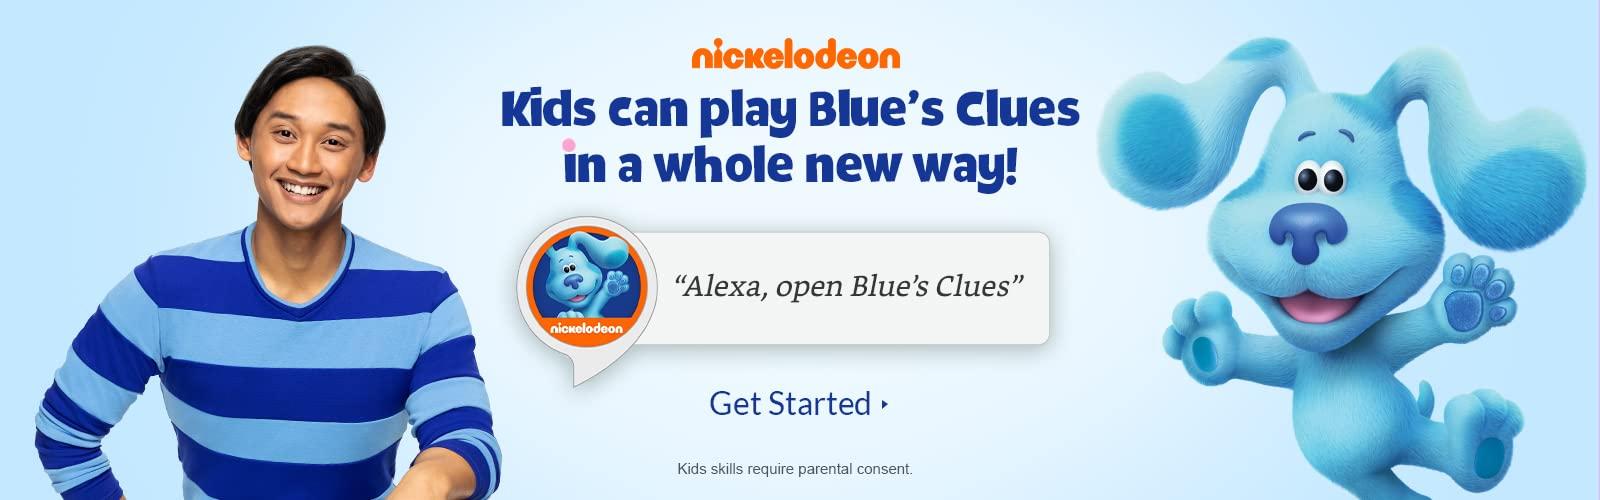 """lexa, open Blue's Clues."""""""